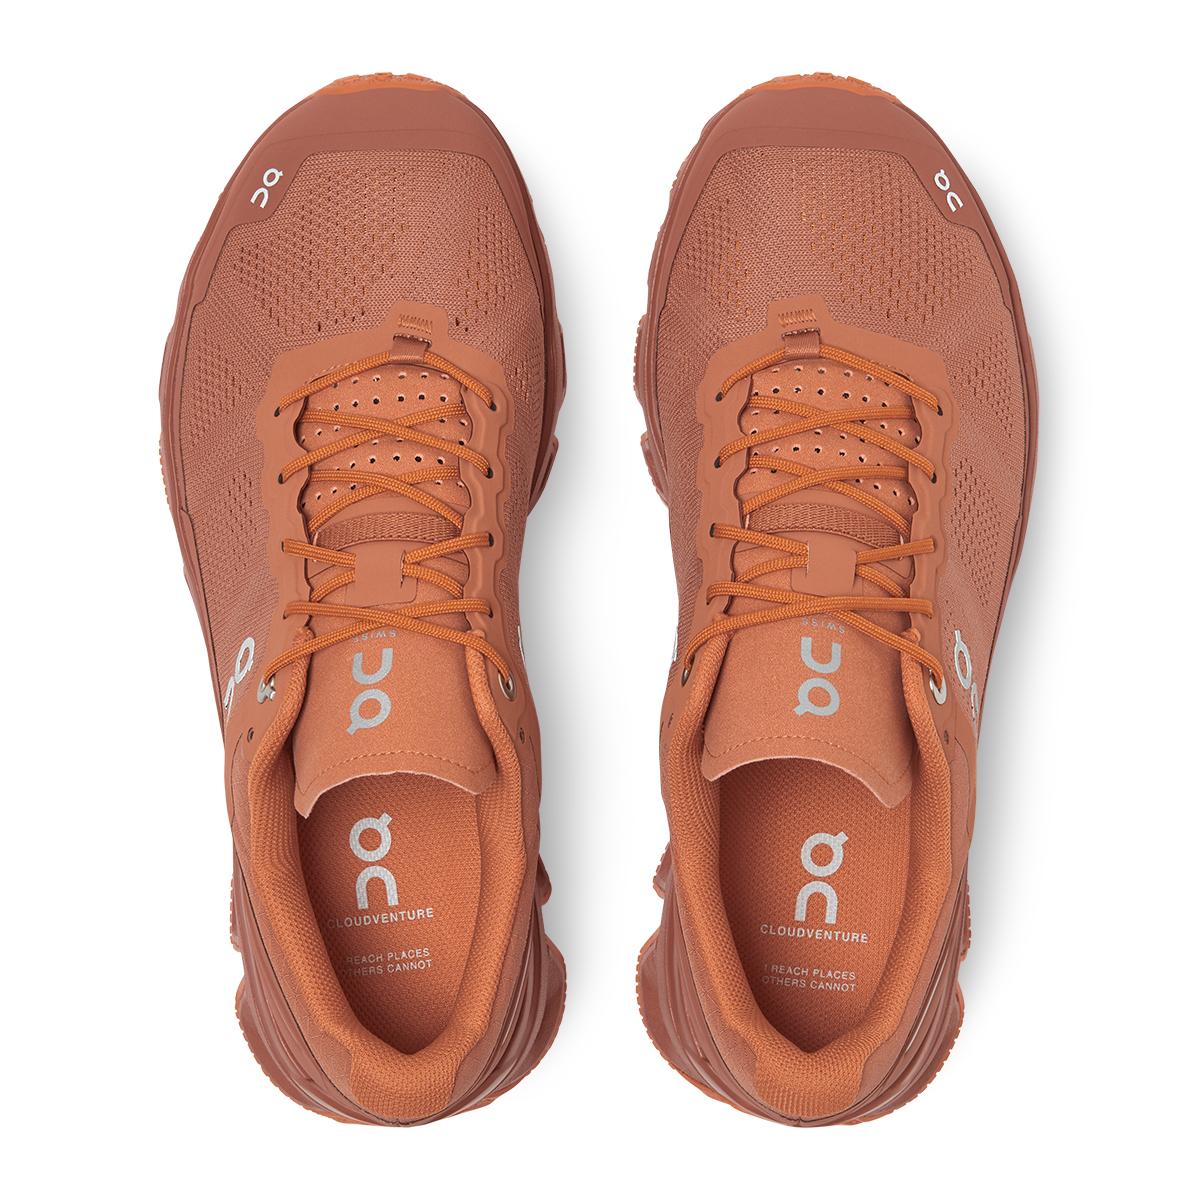 Women's On Cloudventure Trail Running Shoe - Color: Sandstone/Orang - Size: 5 - Width: Regular, Sandstone/Orang, large, image 3